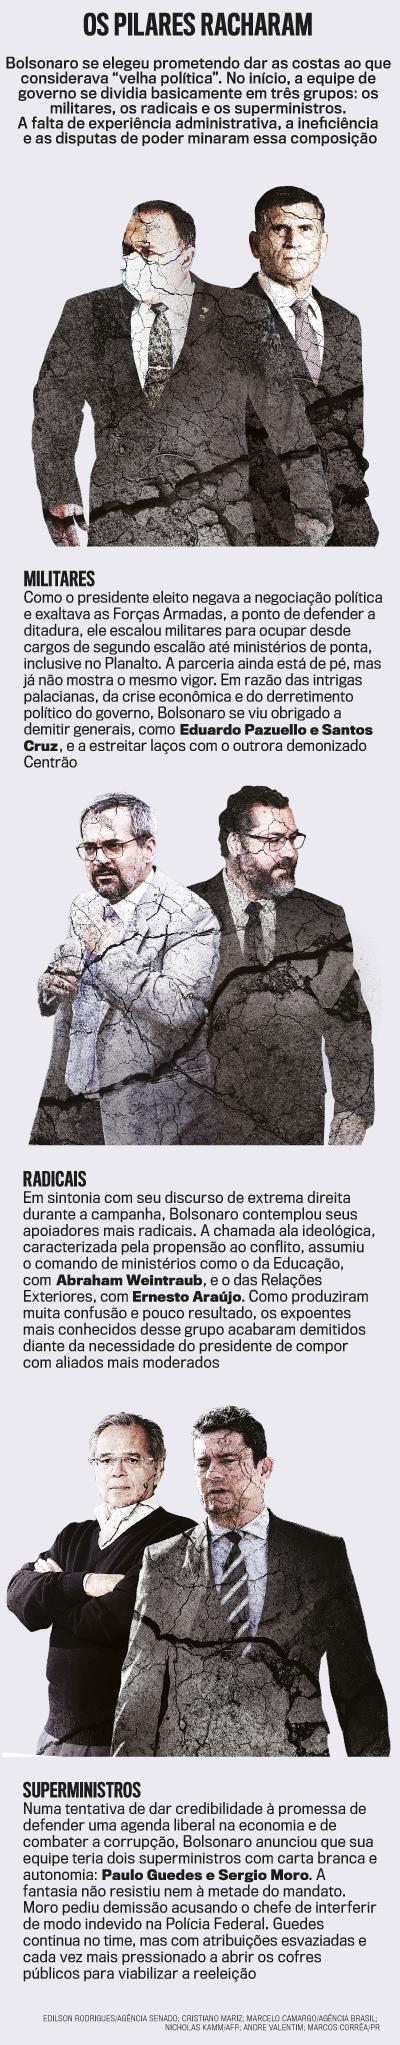 Os pilares do Governo Bolsonaro